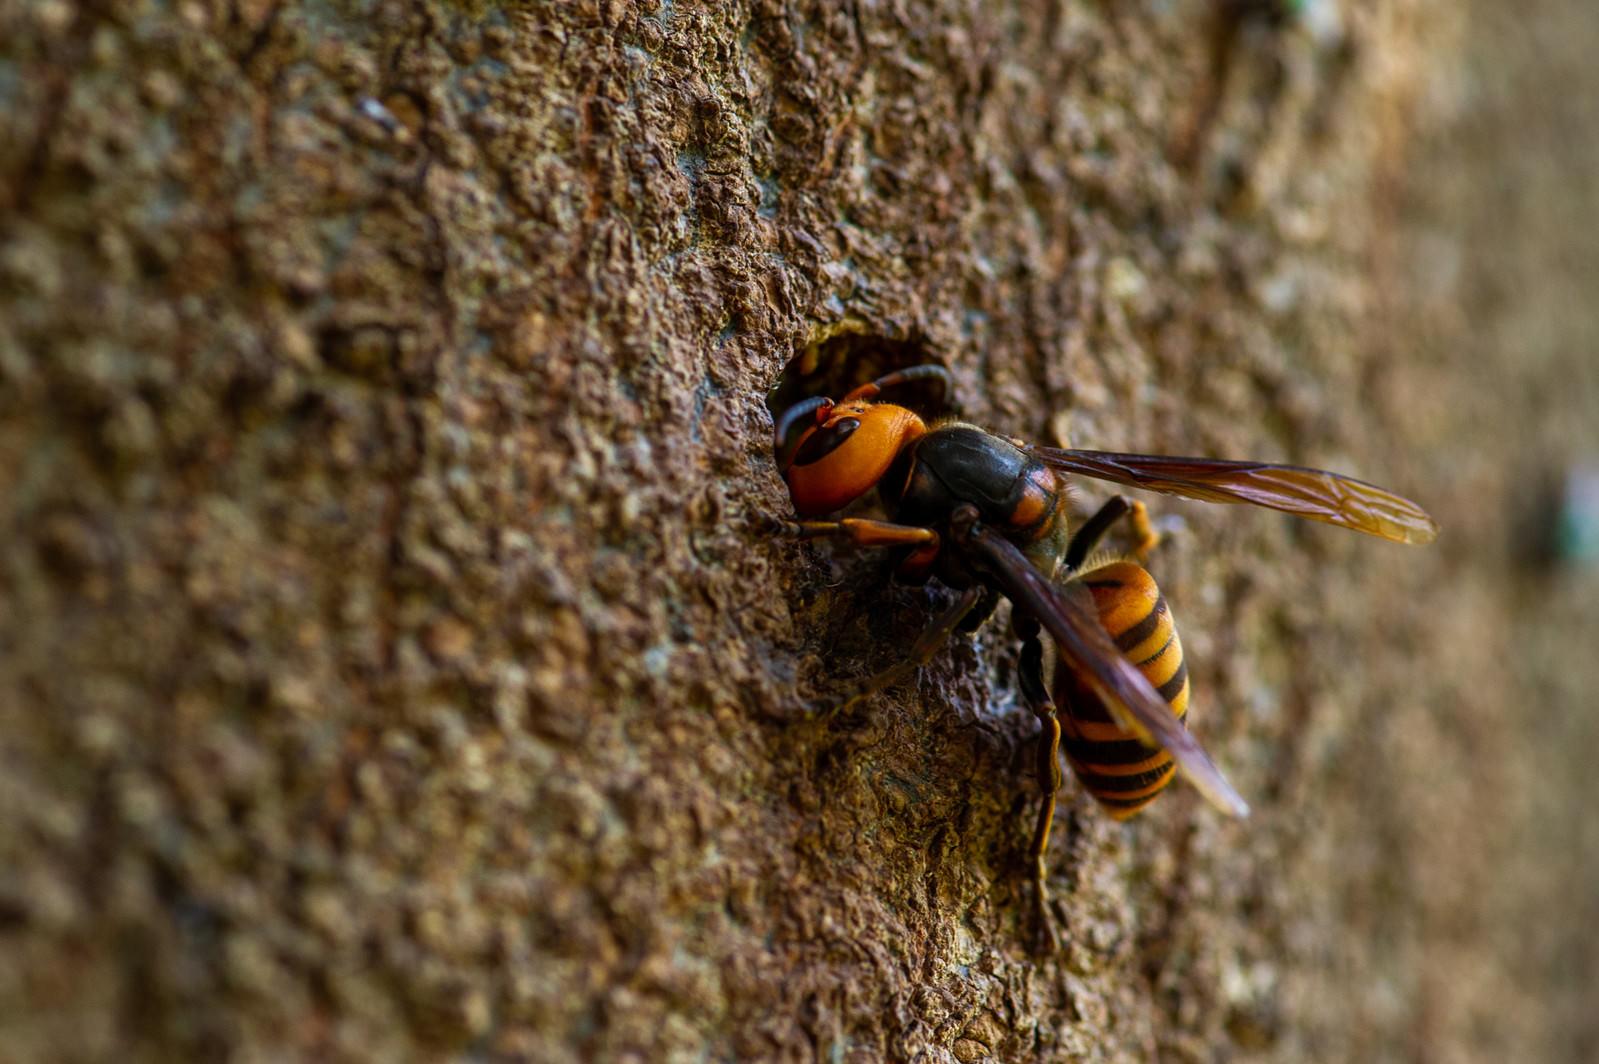 「顔を突っ込むオオスズメバチ」の写真